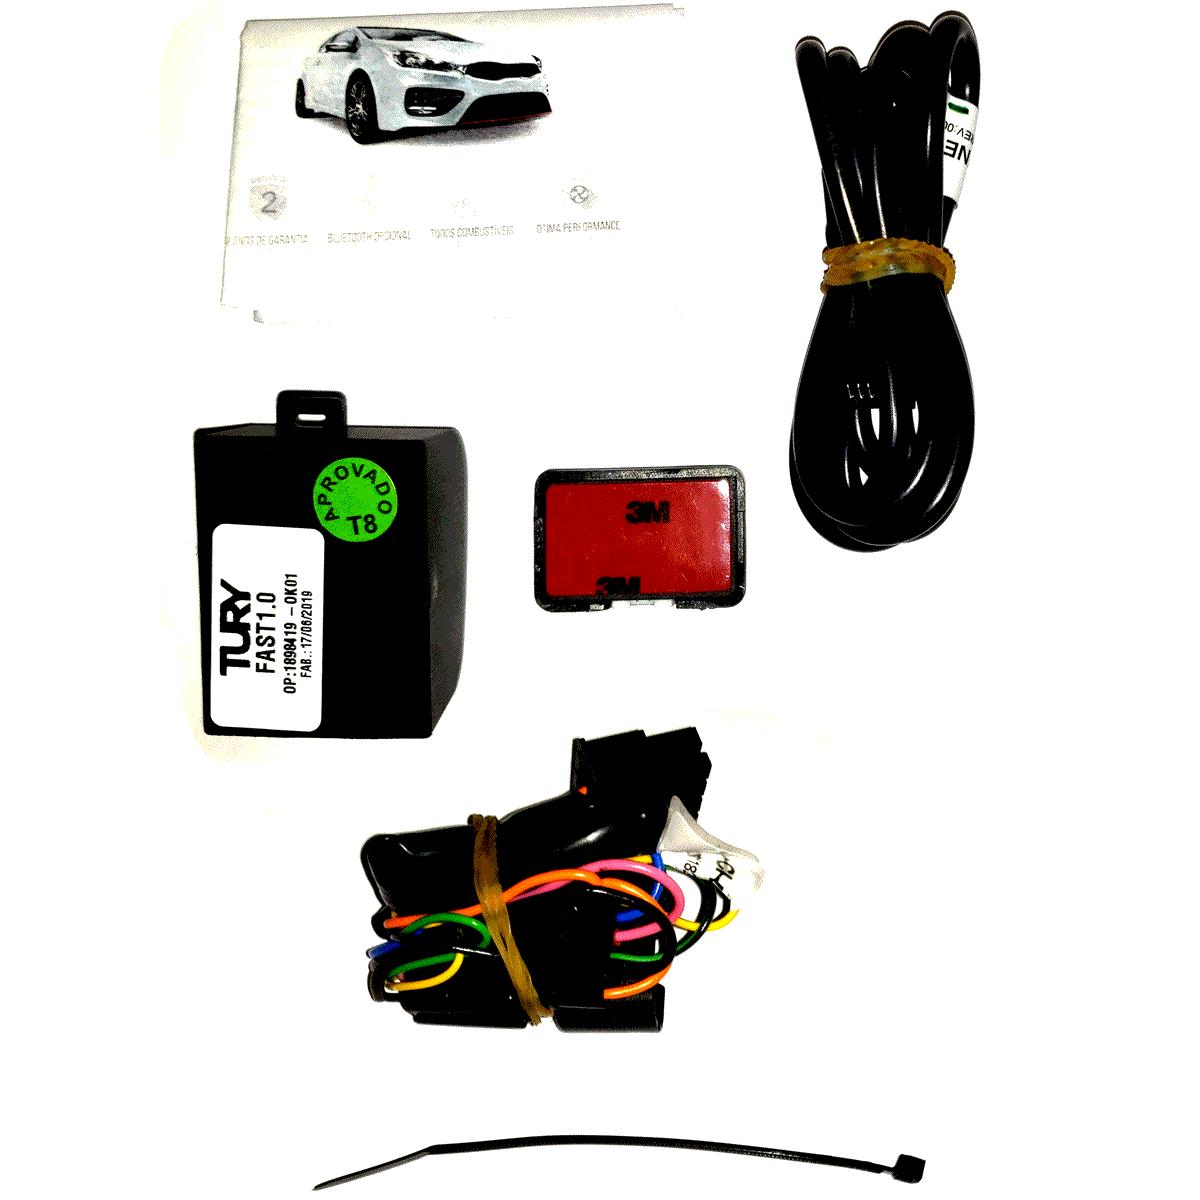 Fast 1.0 G Hyundai e Kia Módulo Acelerador Plug & Play